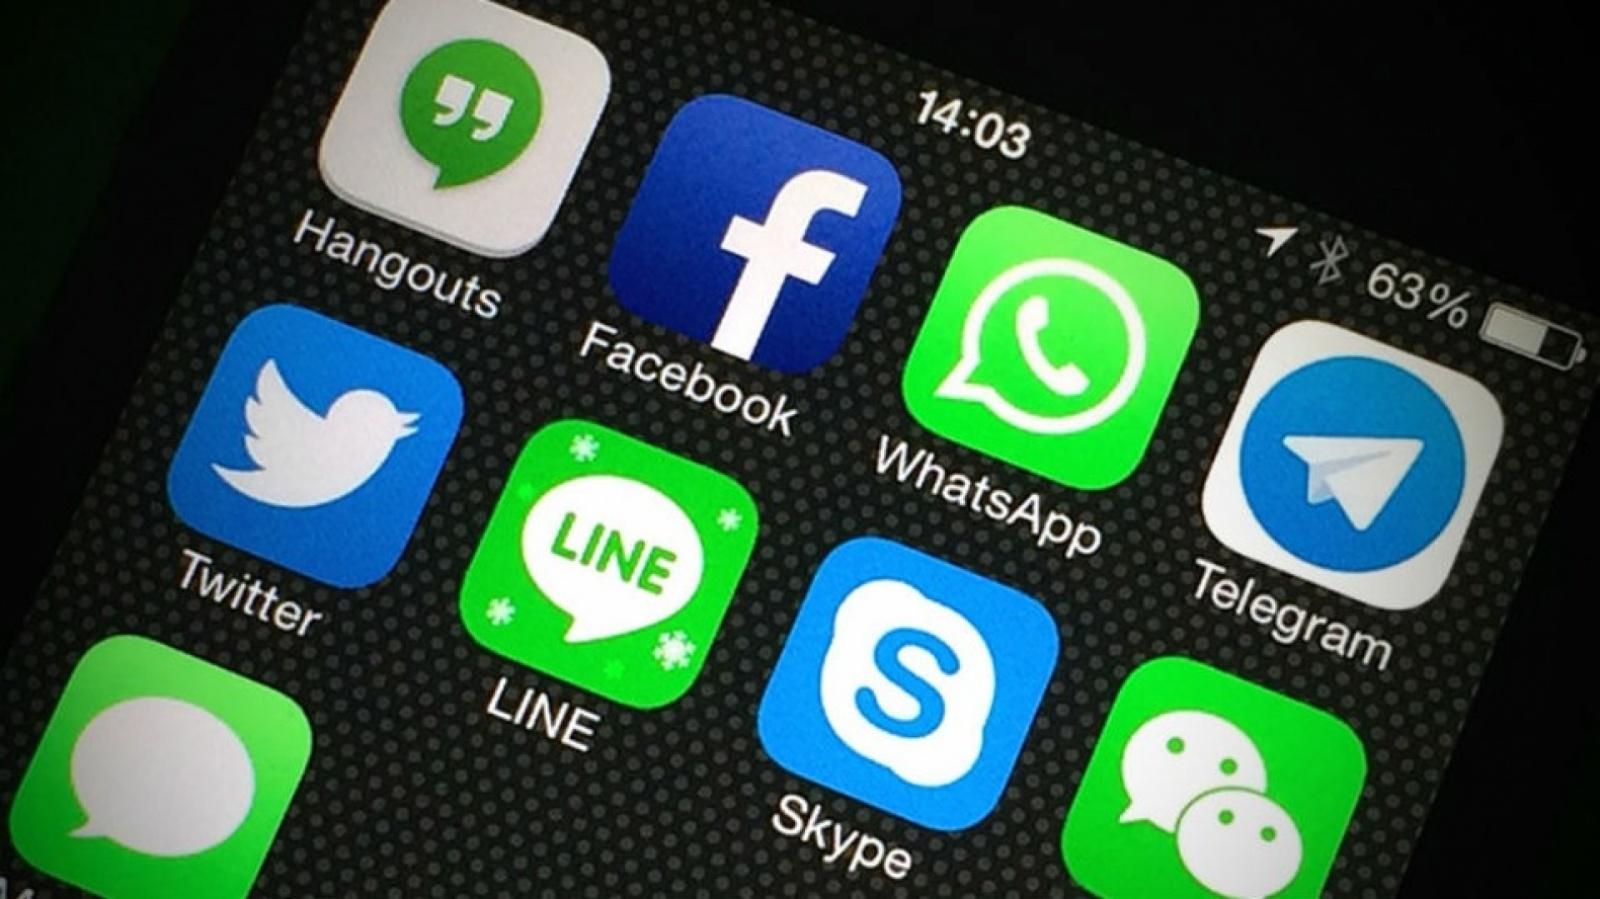 Блокировка мессенджеров и анонимайзеров одобрена Госдумой, осенью наступит очередь соцсетей - 2